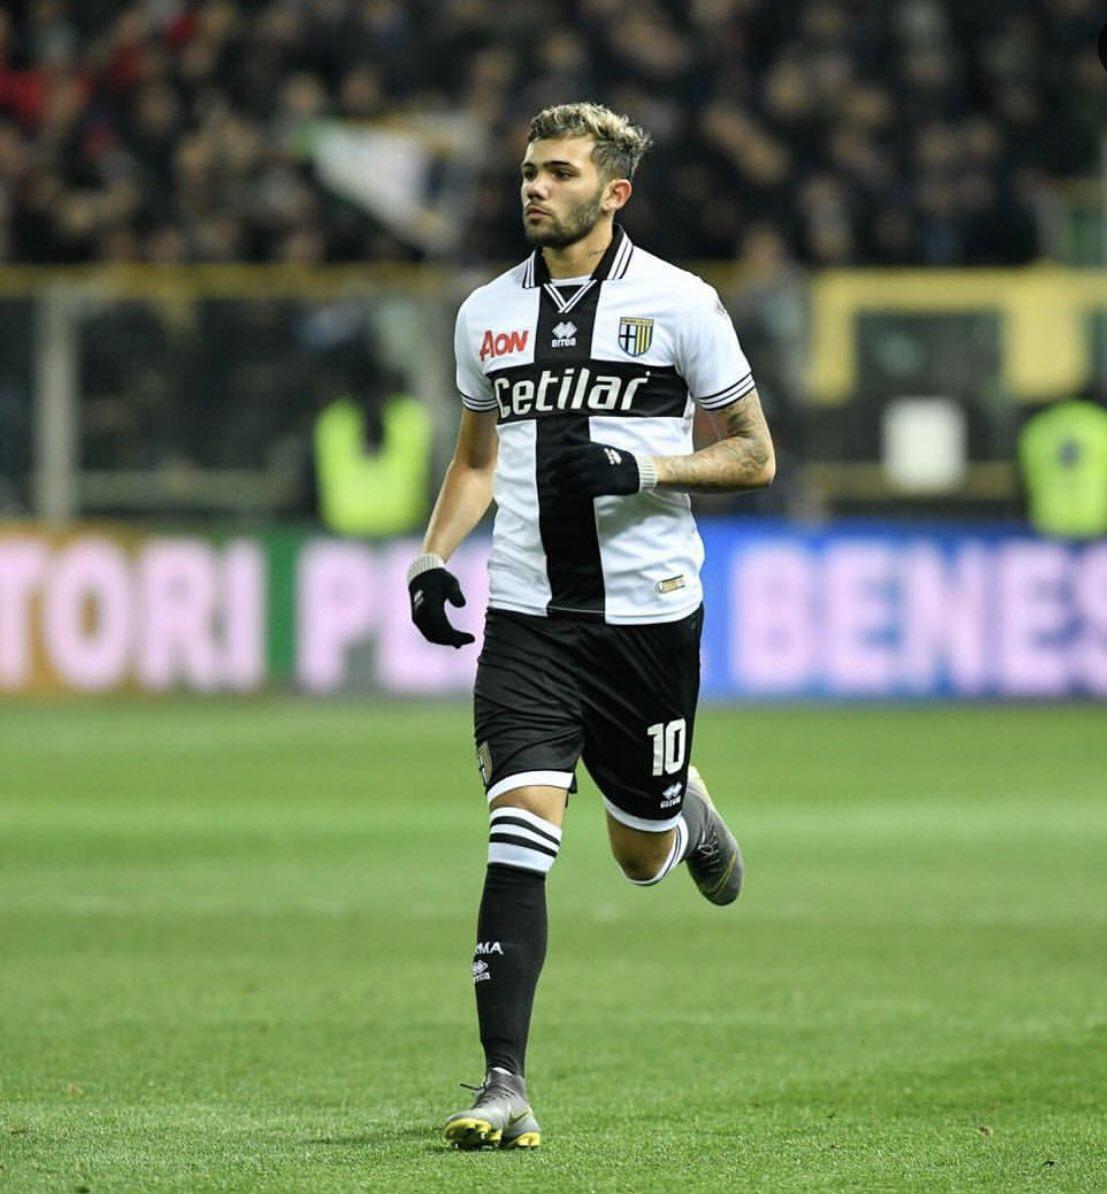 """Matías Cruz 🇺🇾 on Twitter: """"Nicolás Schiappacasse con la número 10 debutó  en Parma frente a Napoli ingresando al minuto 78 de partido.… """""""